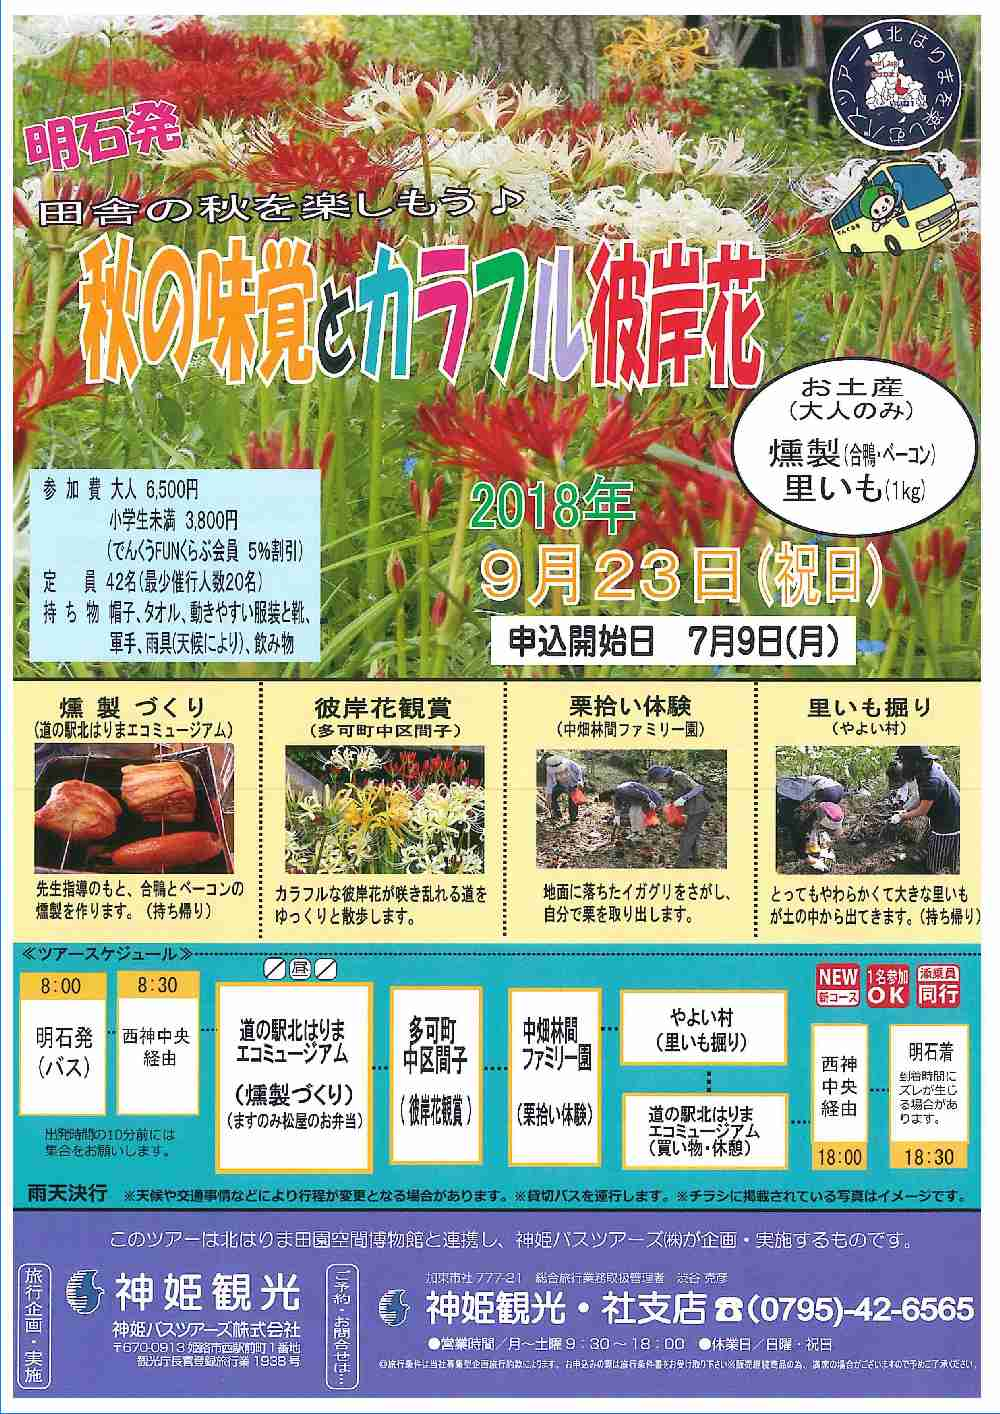 9/23 明石発バスツアー「秋の味覚とカラフル彼岸花」